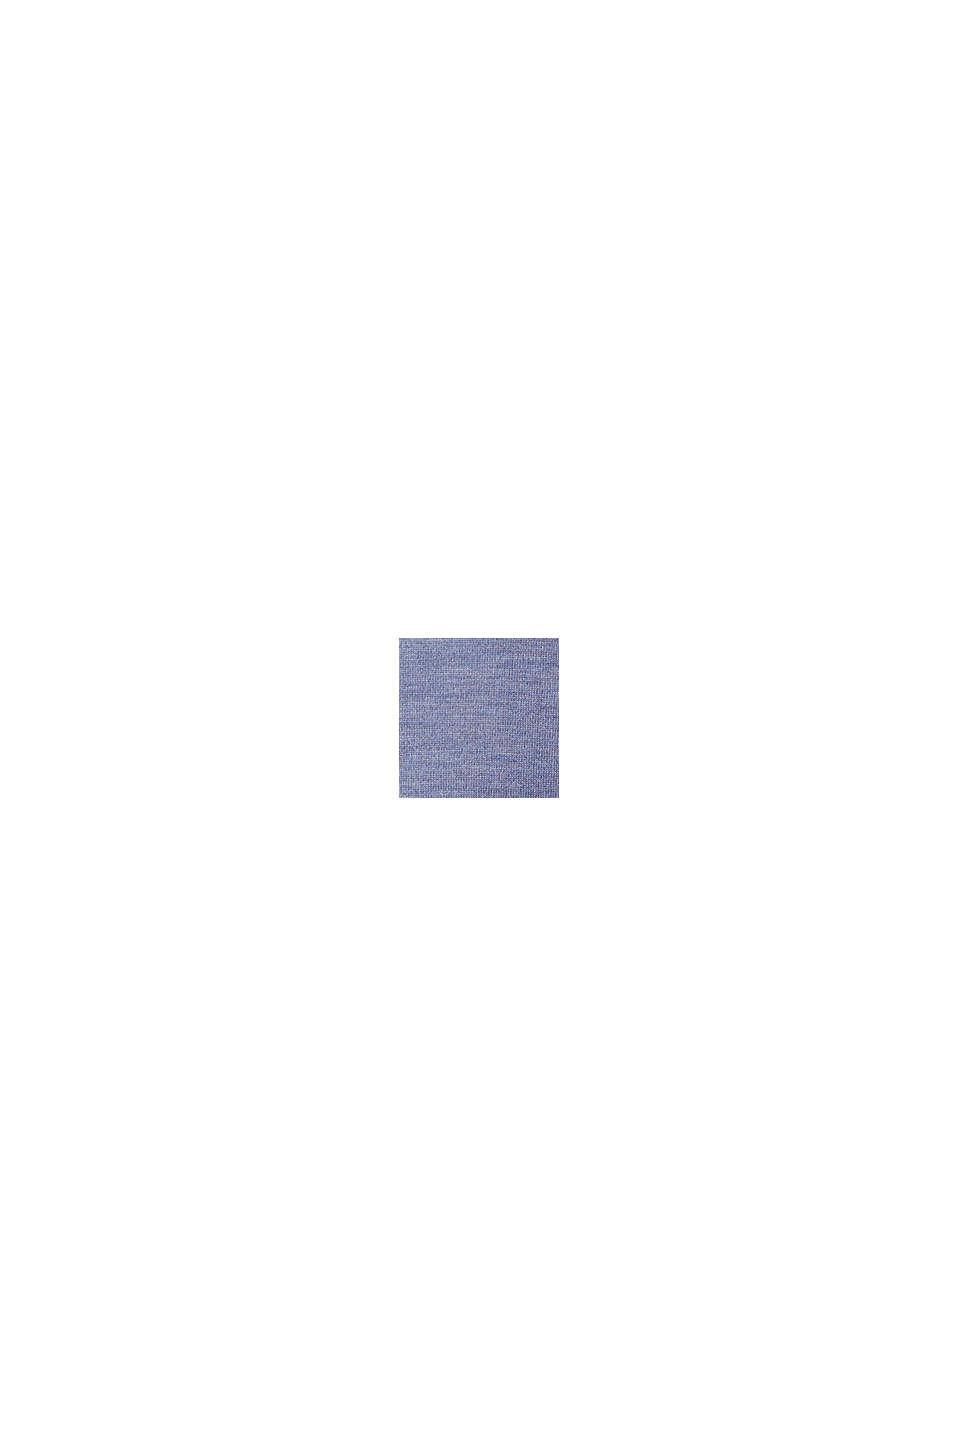 Trui met opstaande kraag, van 100% wol, BLUE LAVENDER, swatch